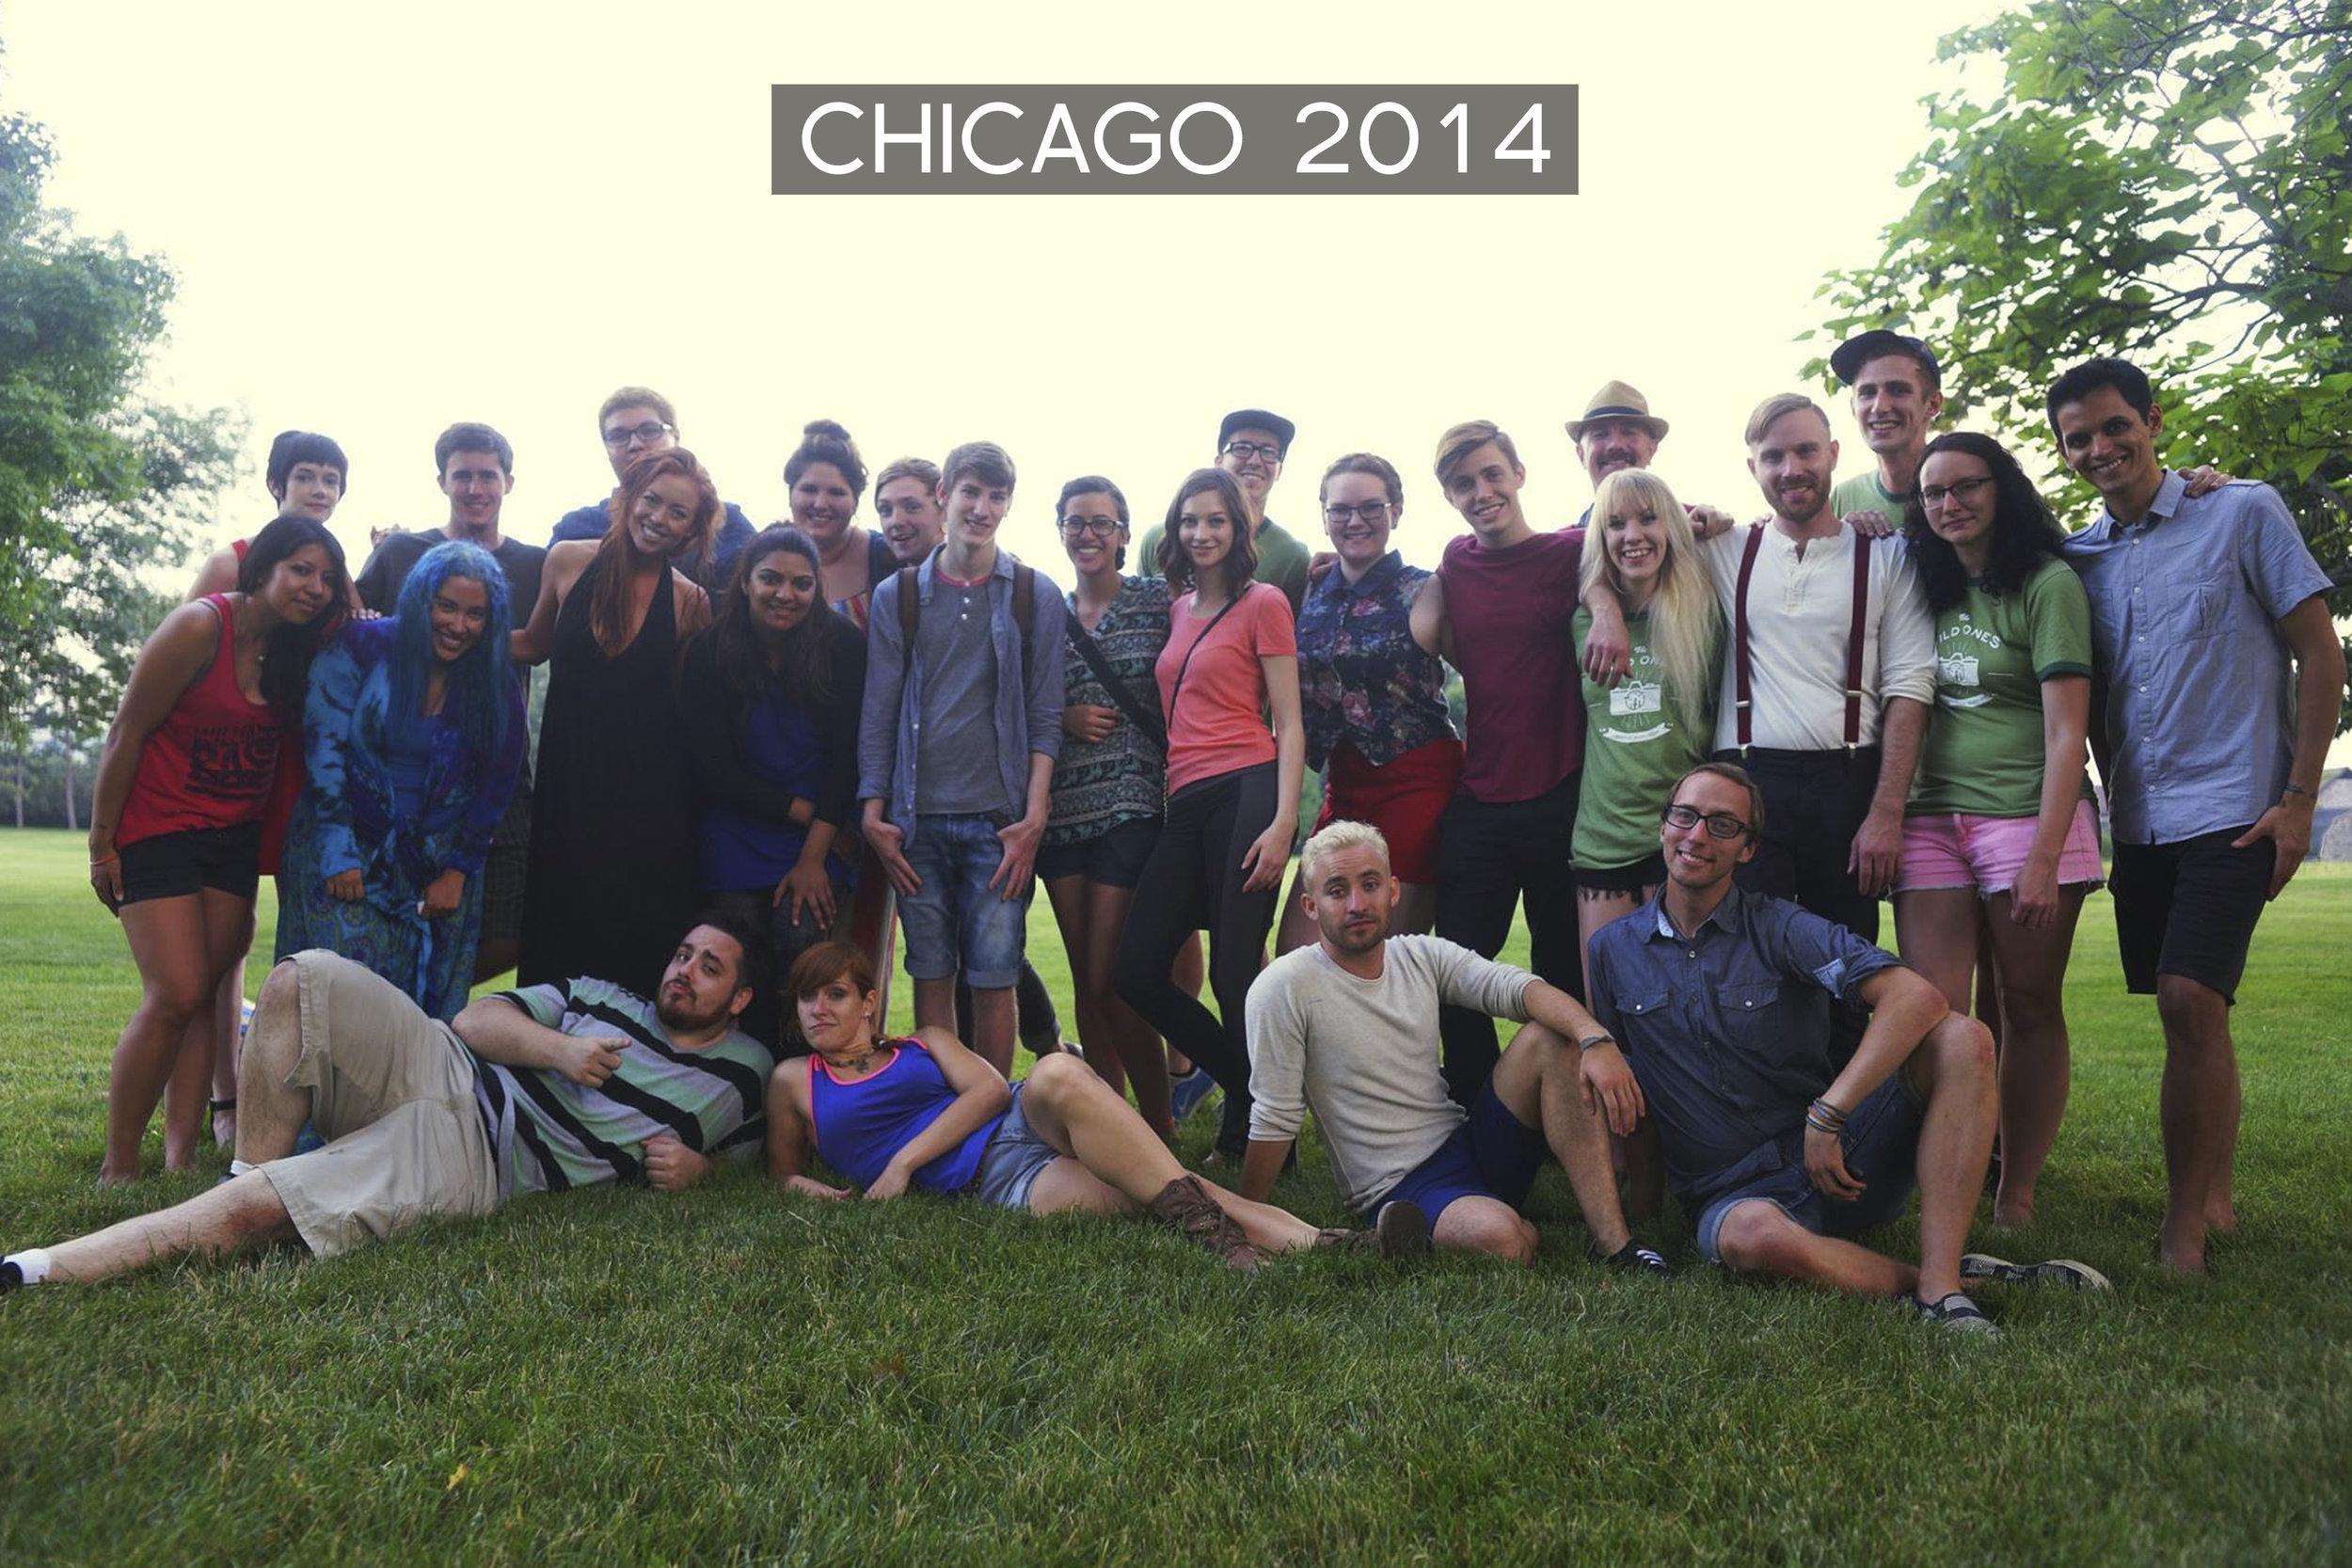 Chicago 2014.jpg